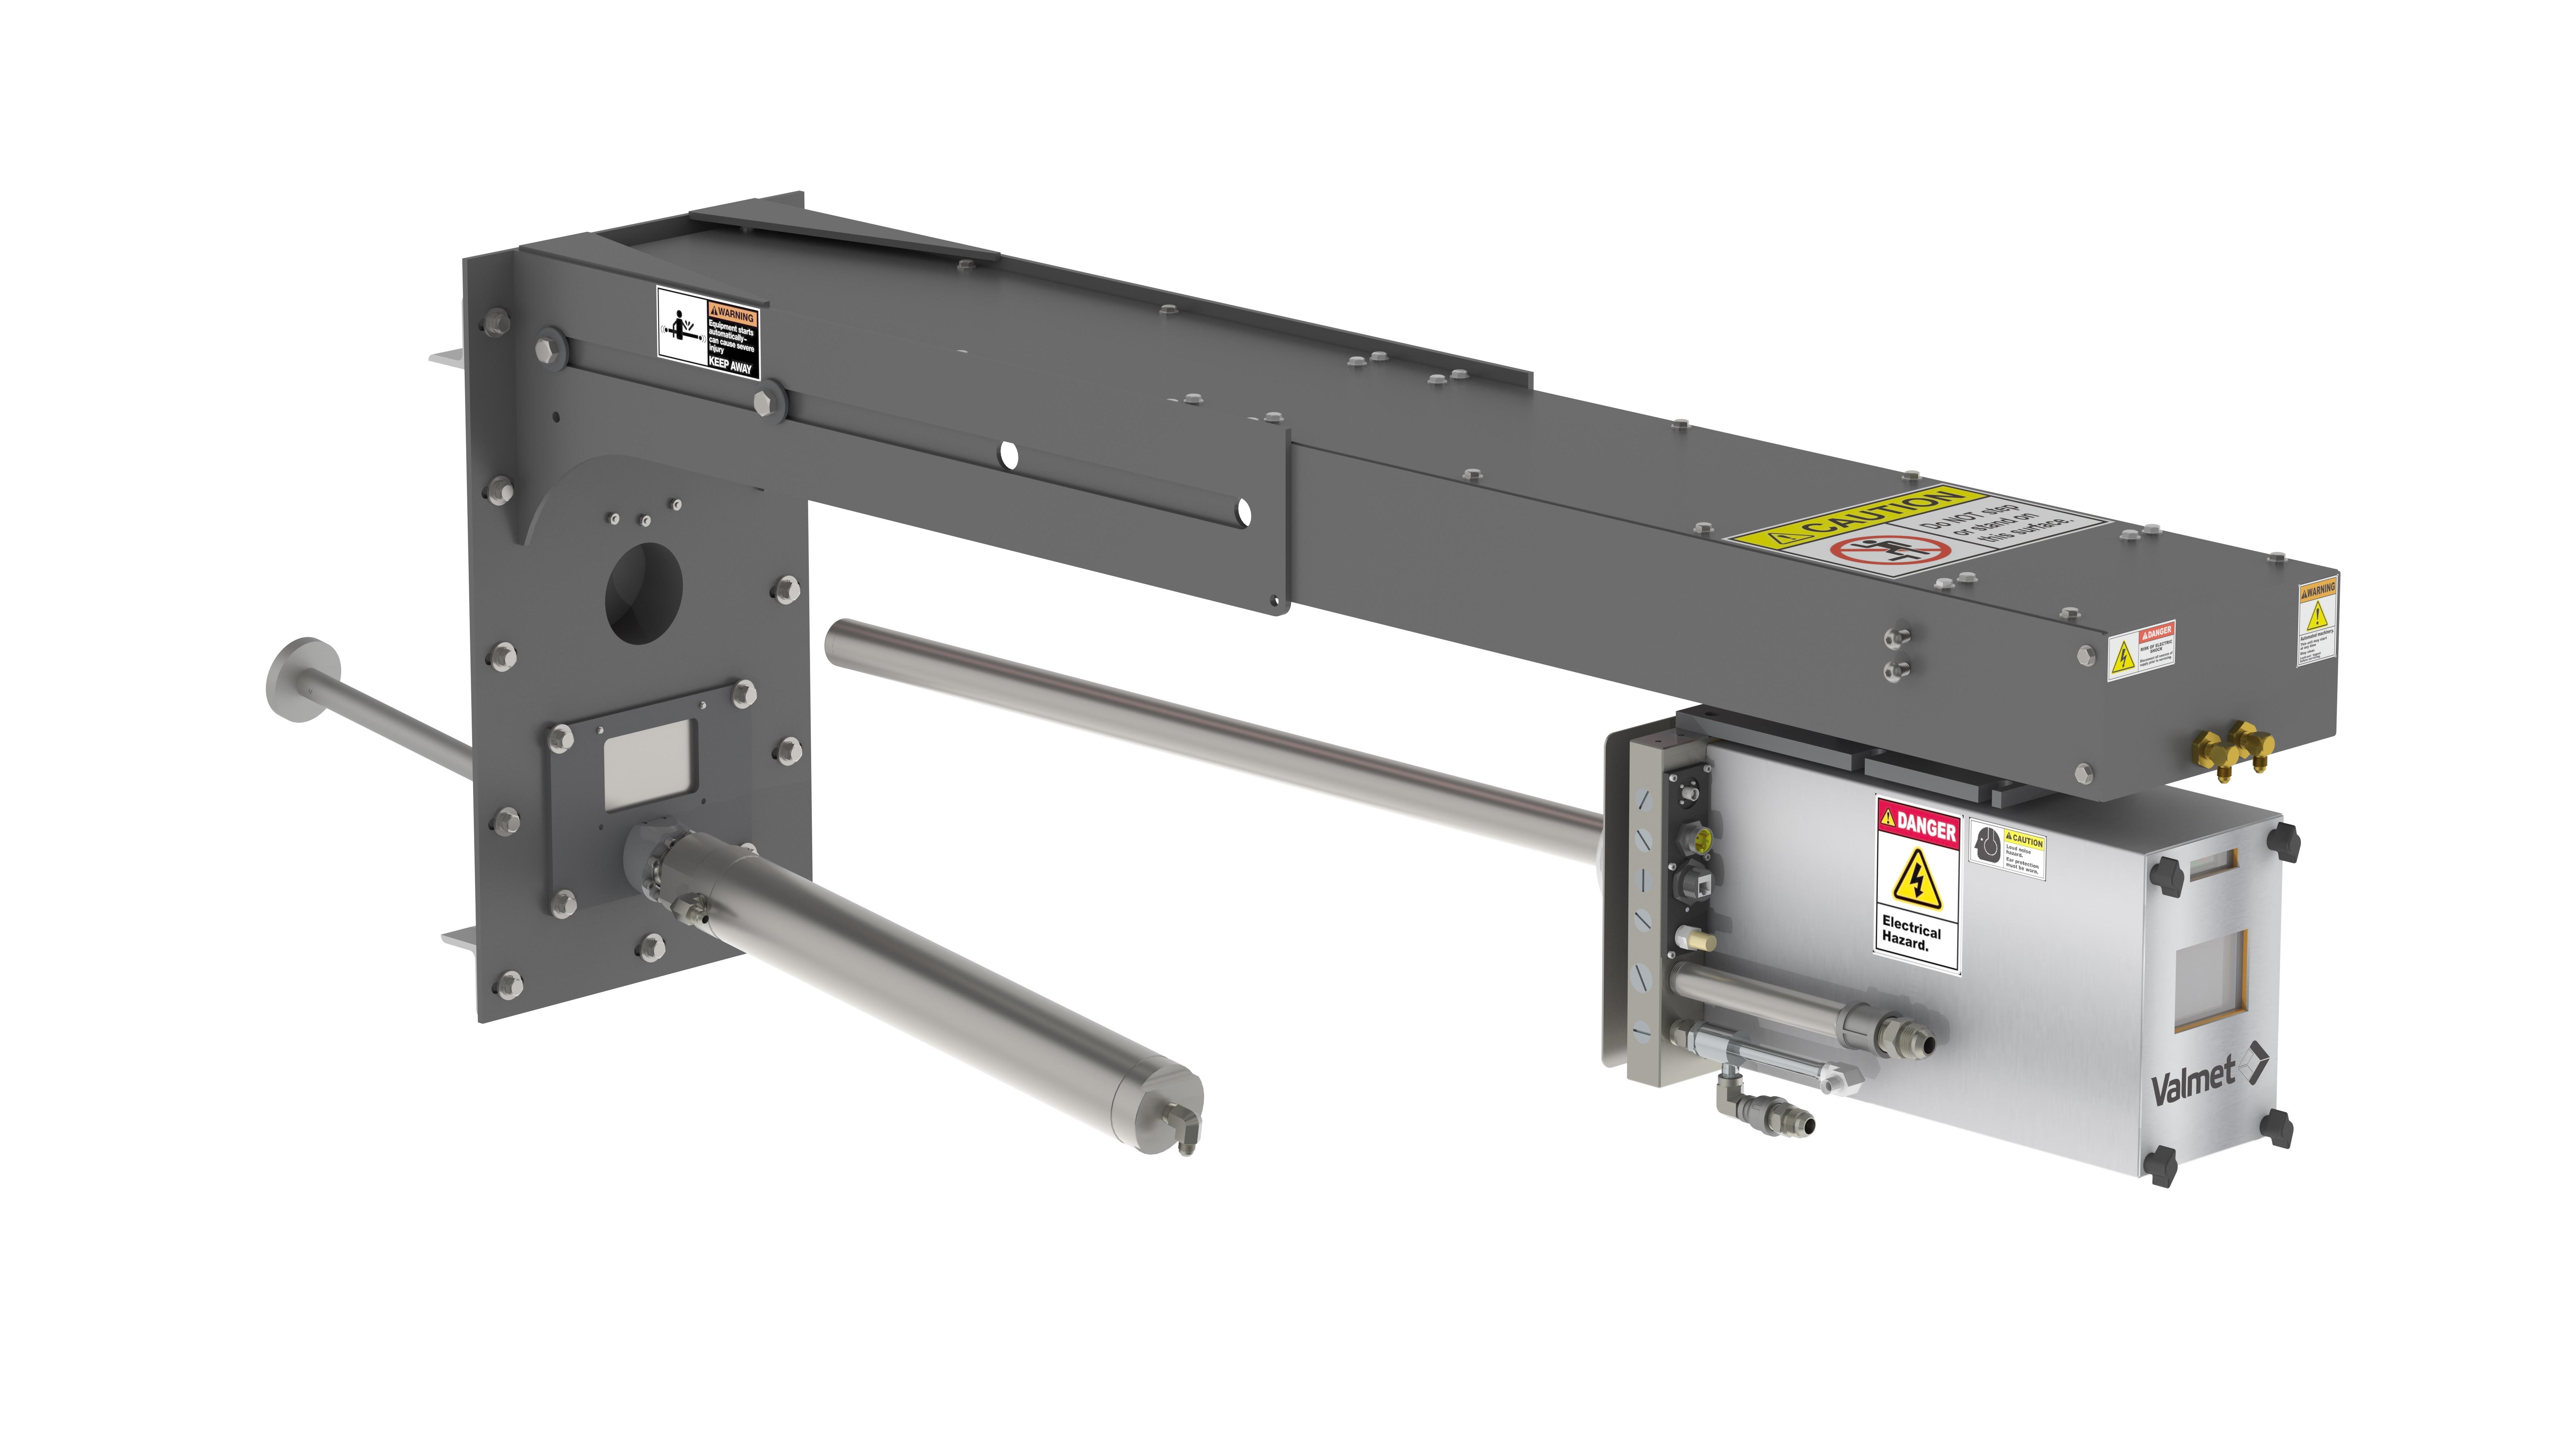 Valmetin tulipesäkamera (Valmet Furnace Imaging System) tarjoaa kehittyneet integroidut infrapuna (IR) kuvantamis- ja lämpötilamittaukset höyrykattilan kriittisille alueille.